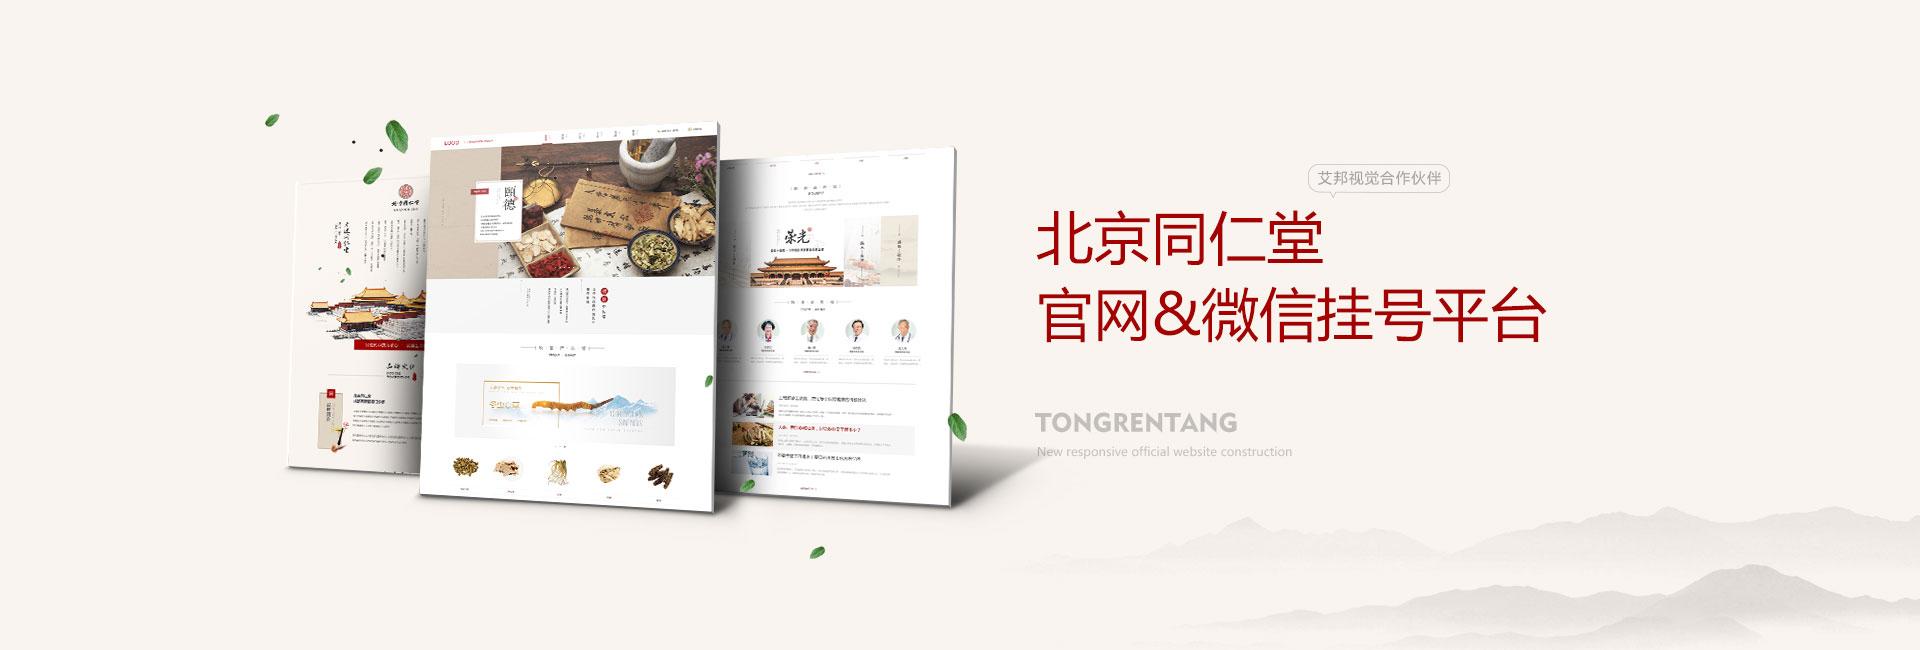 北京同仁堂官网&微信挂号平台开发